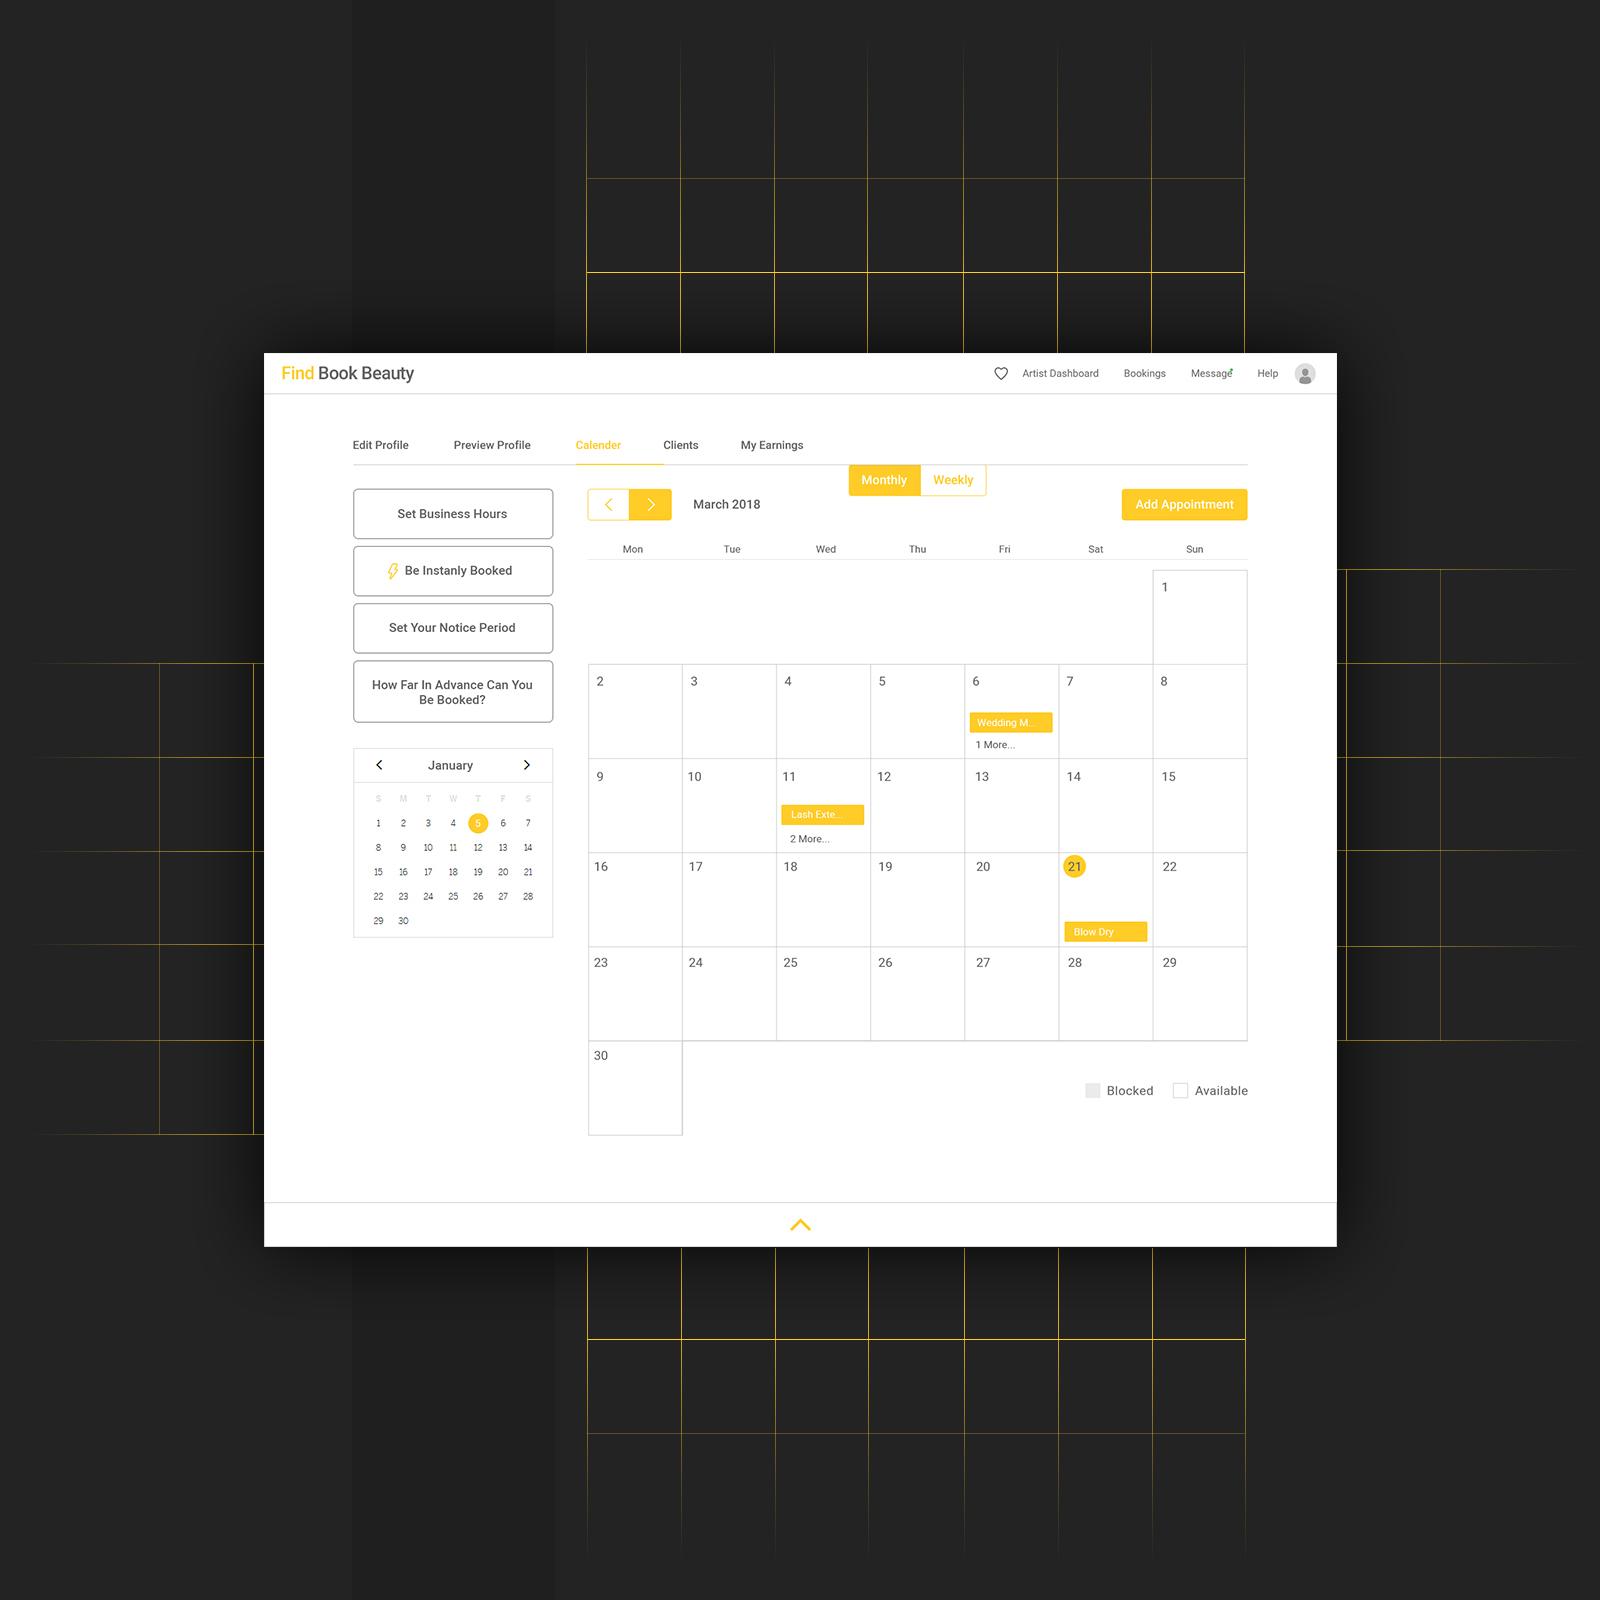 My Calendar Dashboard